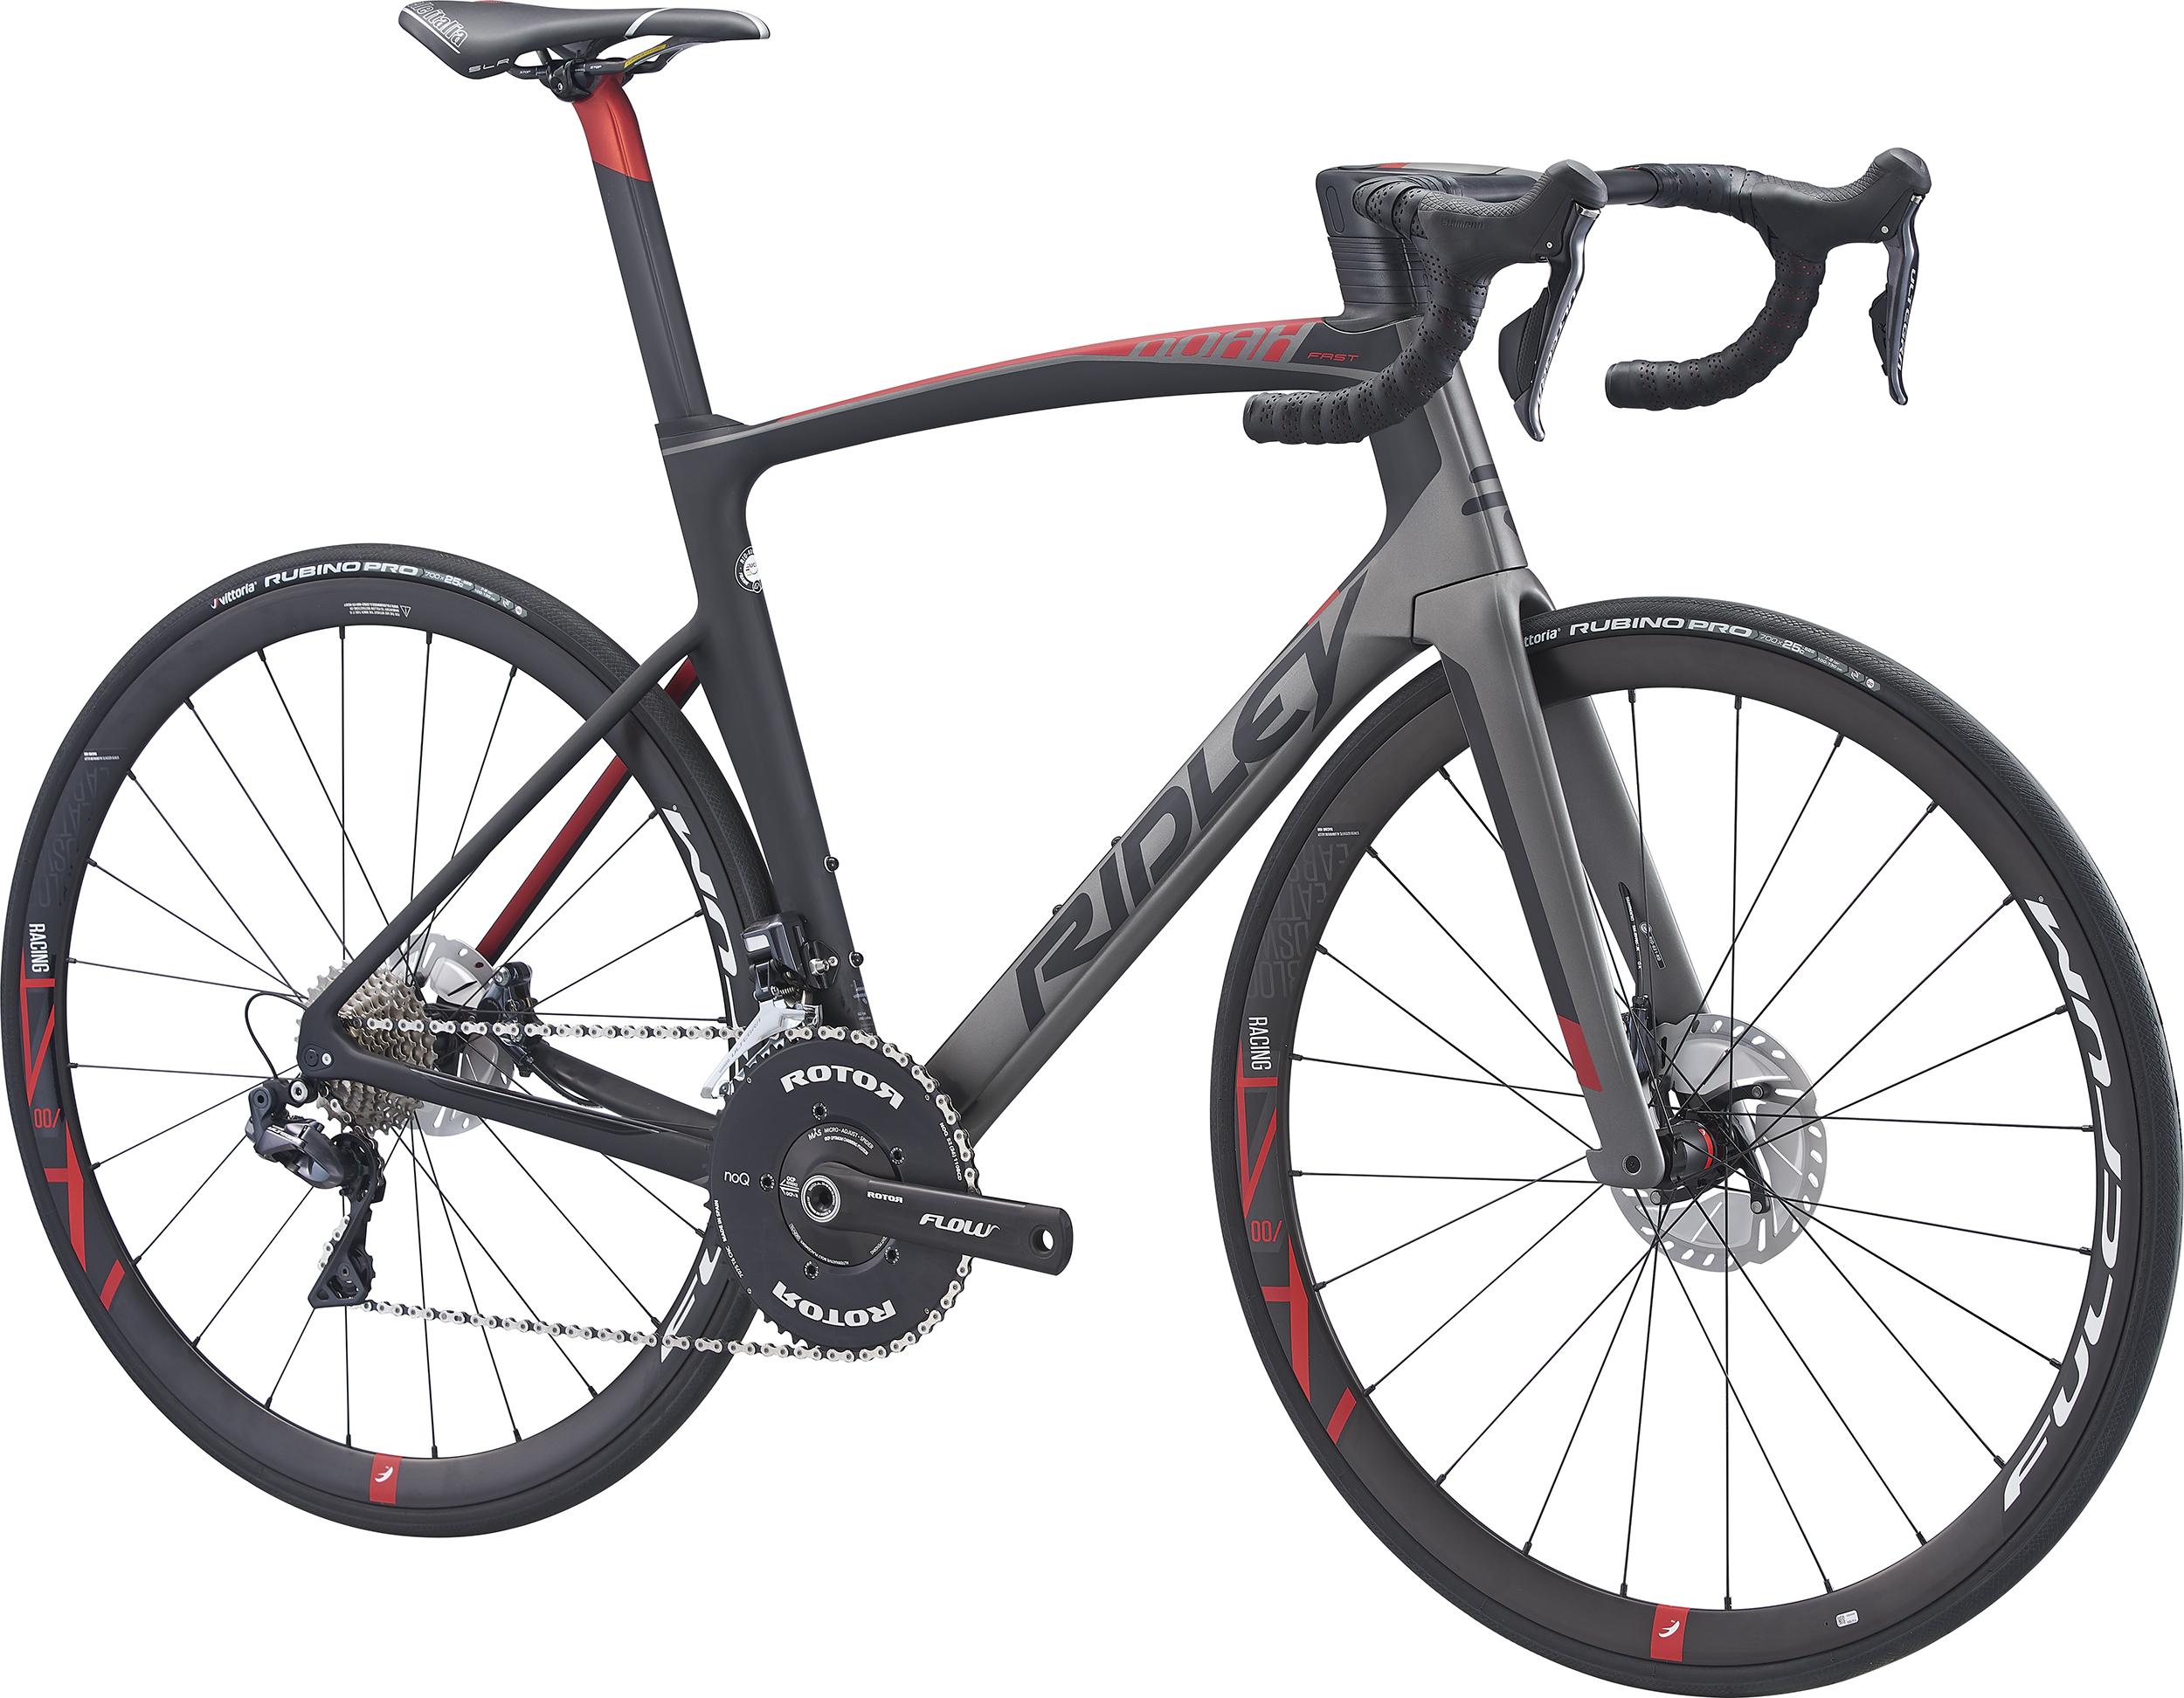 bfe9b8ae02a Ridley Noah Fast Disc SL30 Bicycle - Unisex | MEC